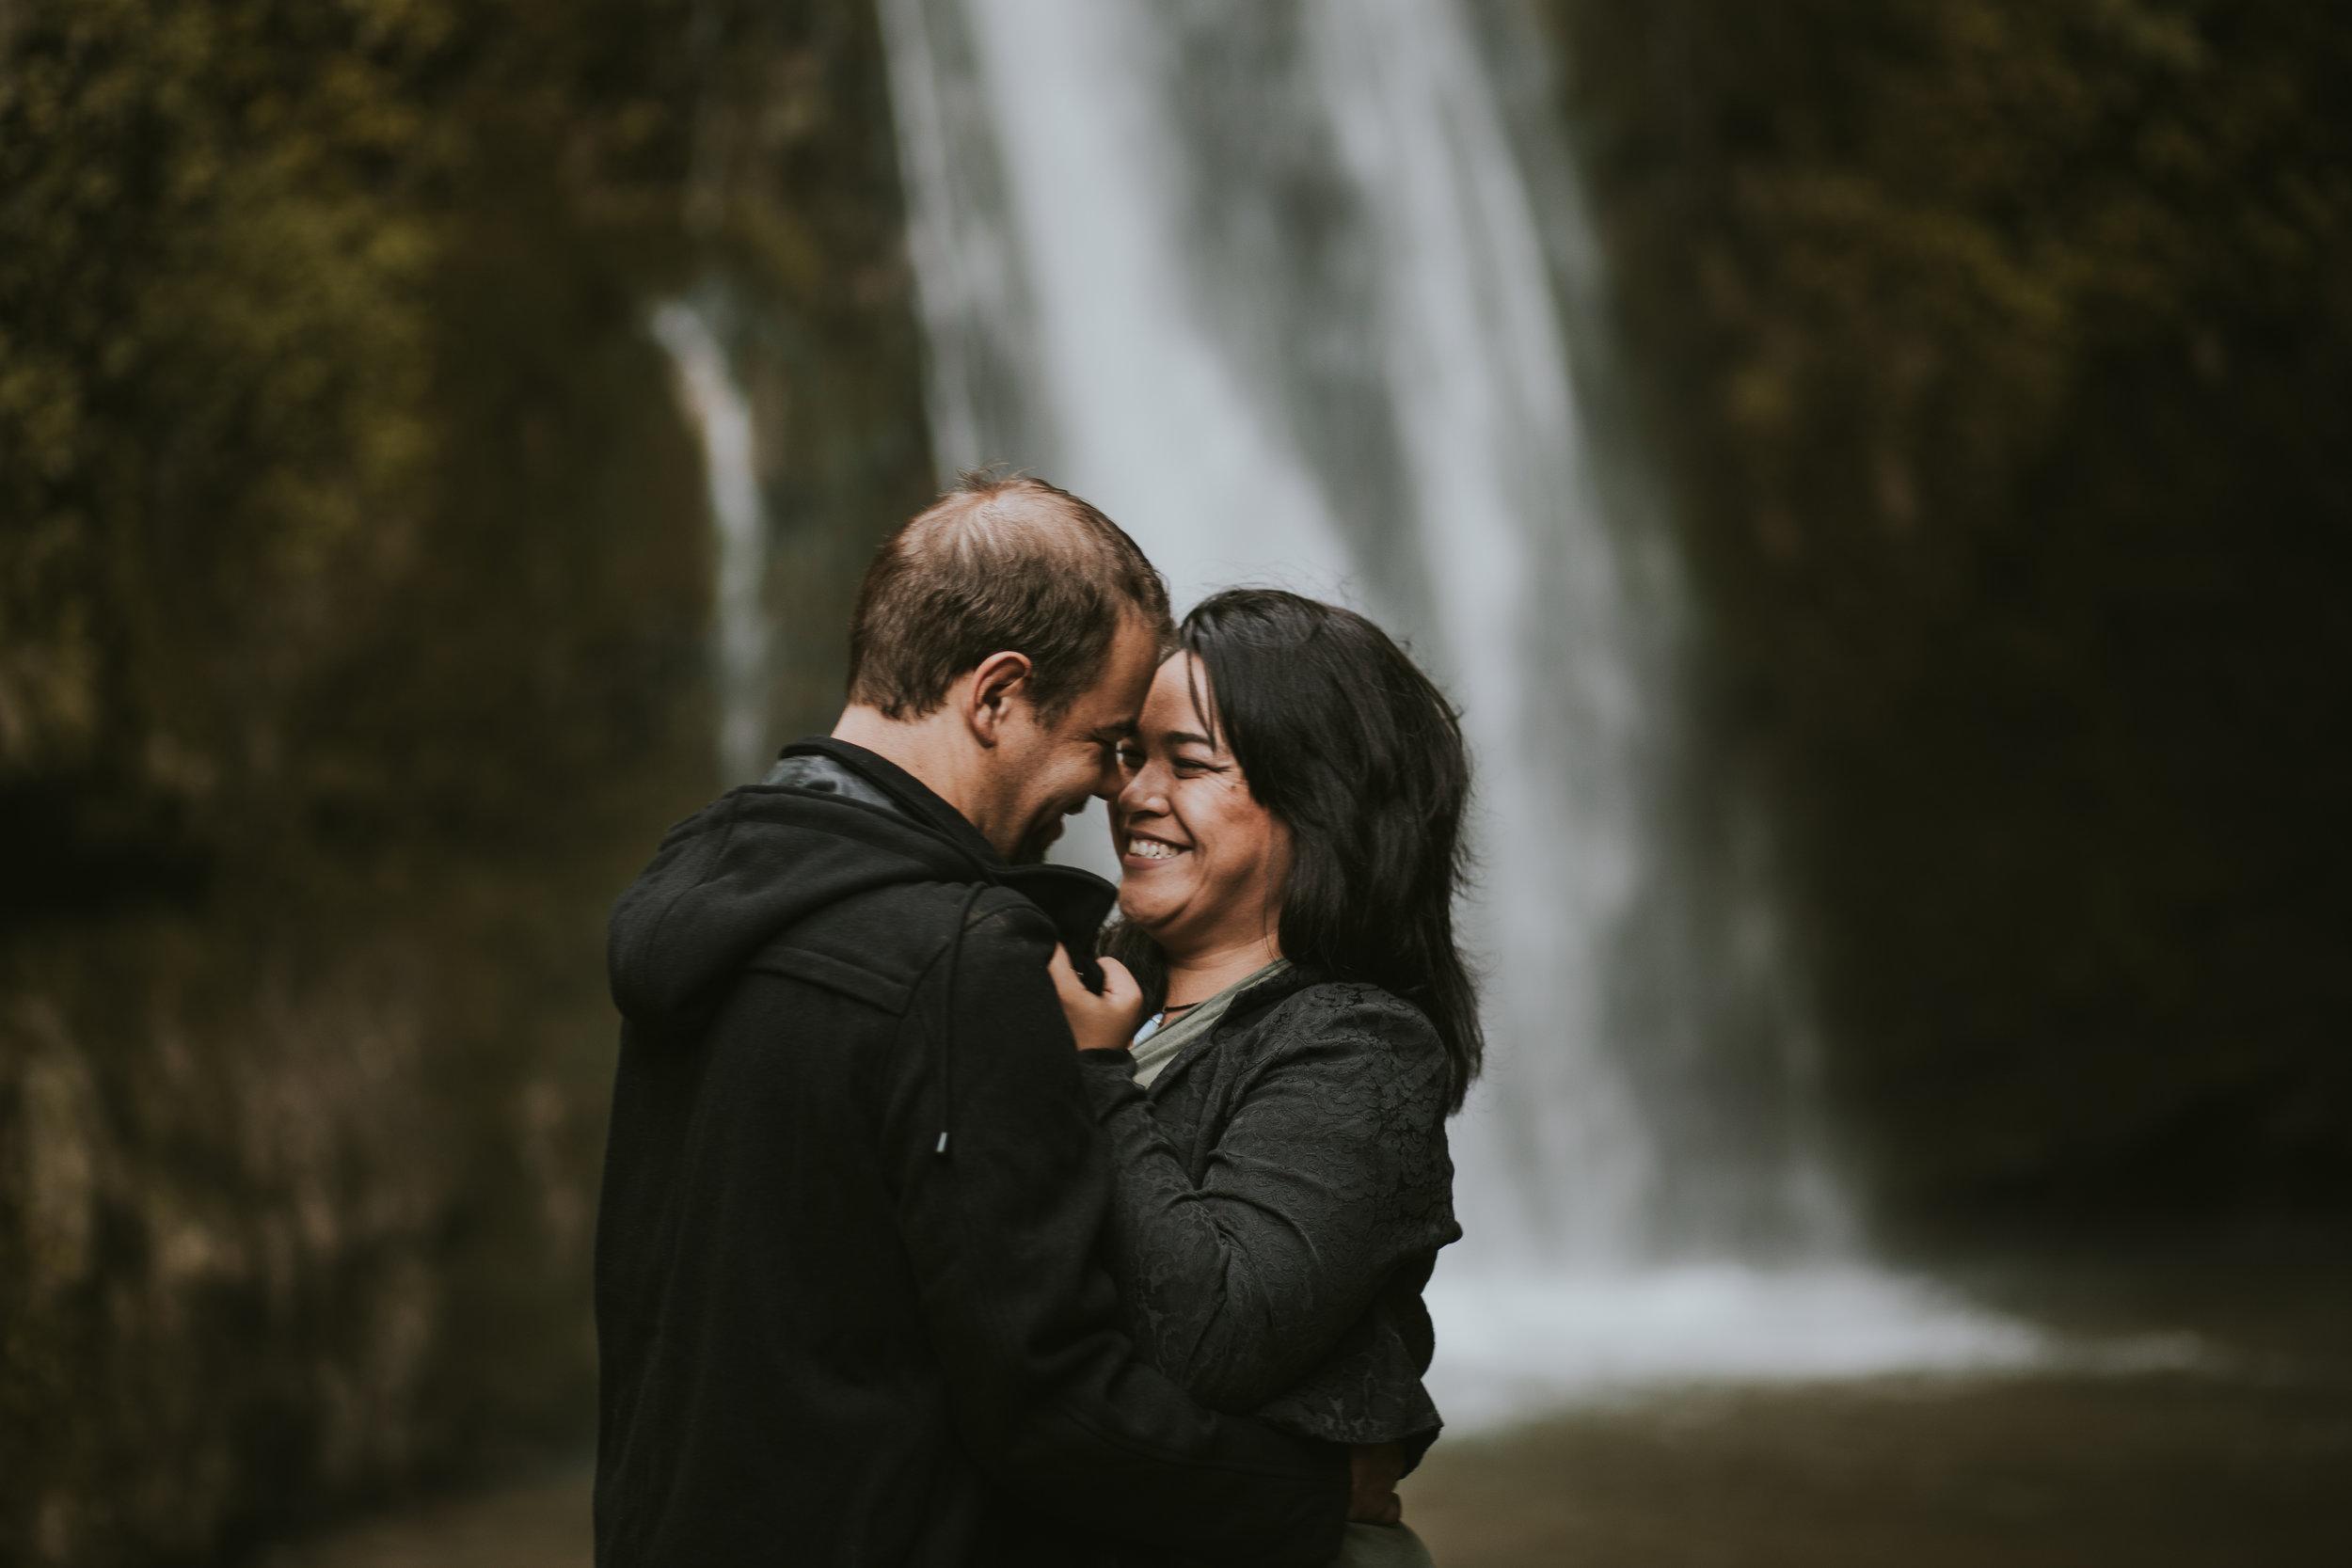 Lisa Fisher Photography - James & Lisa Engagement-24.jpg